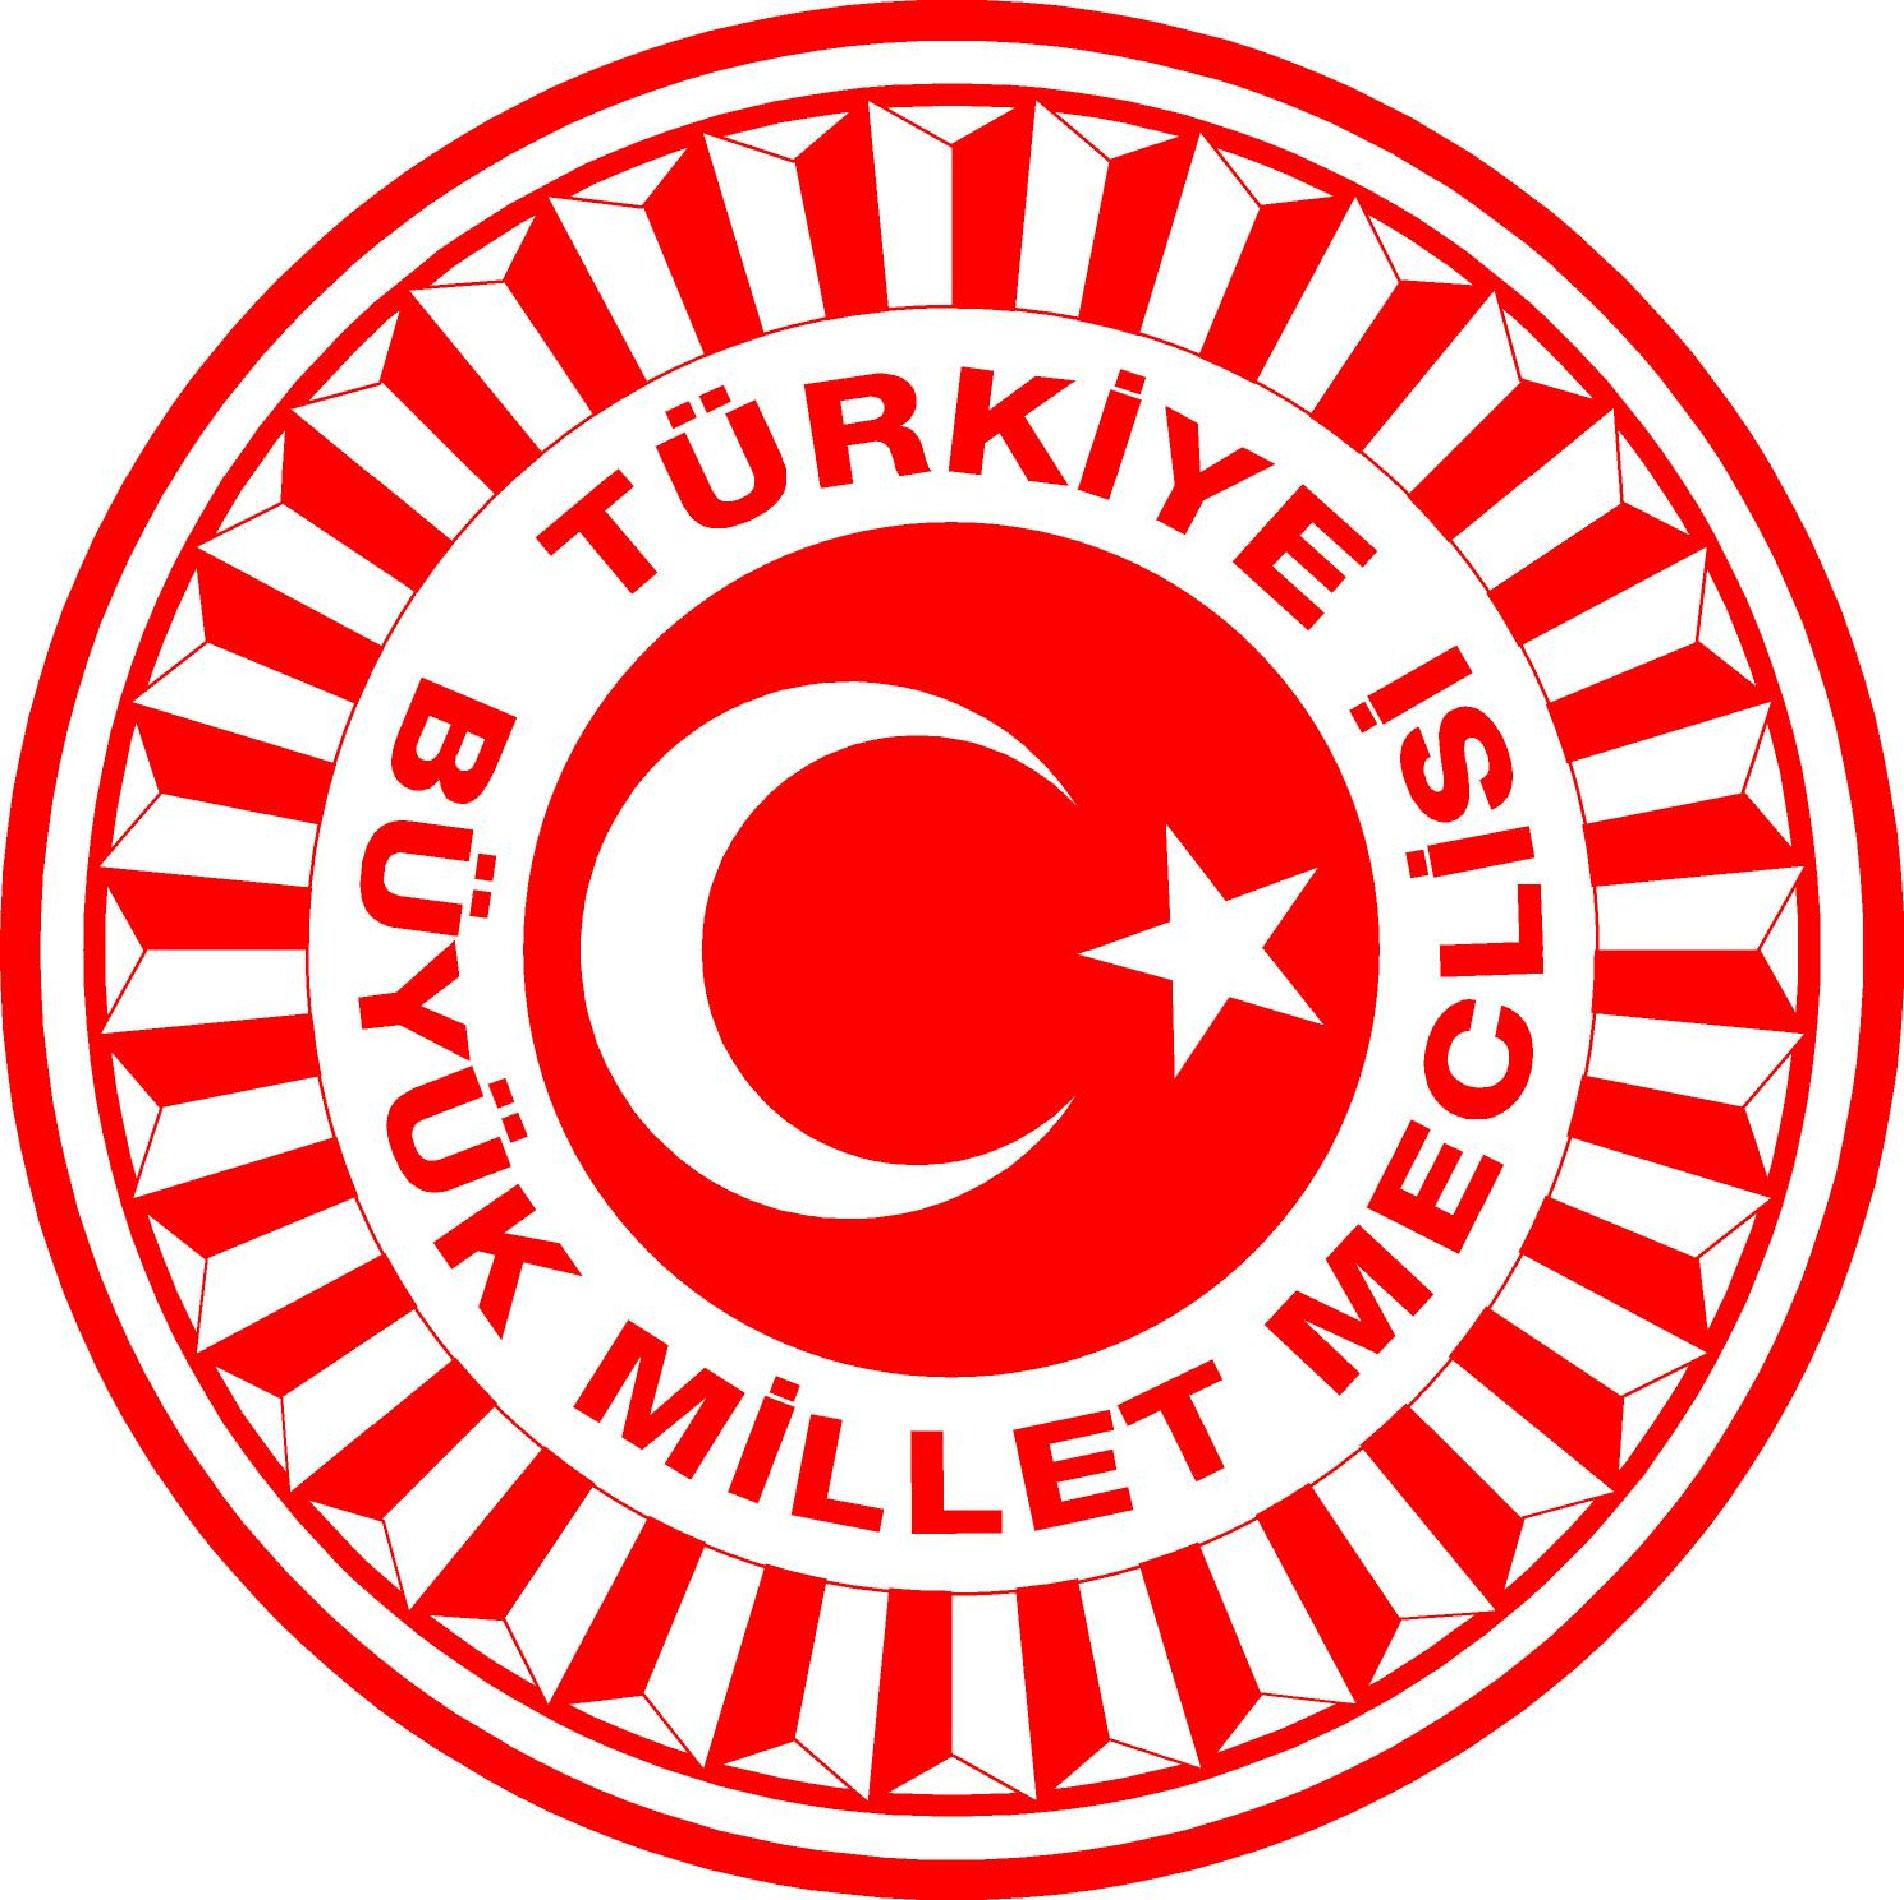 T�rkiye �zel Halk otob�sleri heyeti TBMM�nde